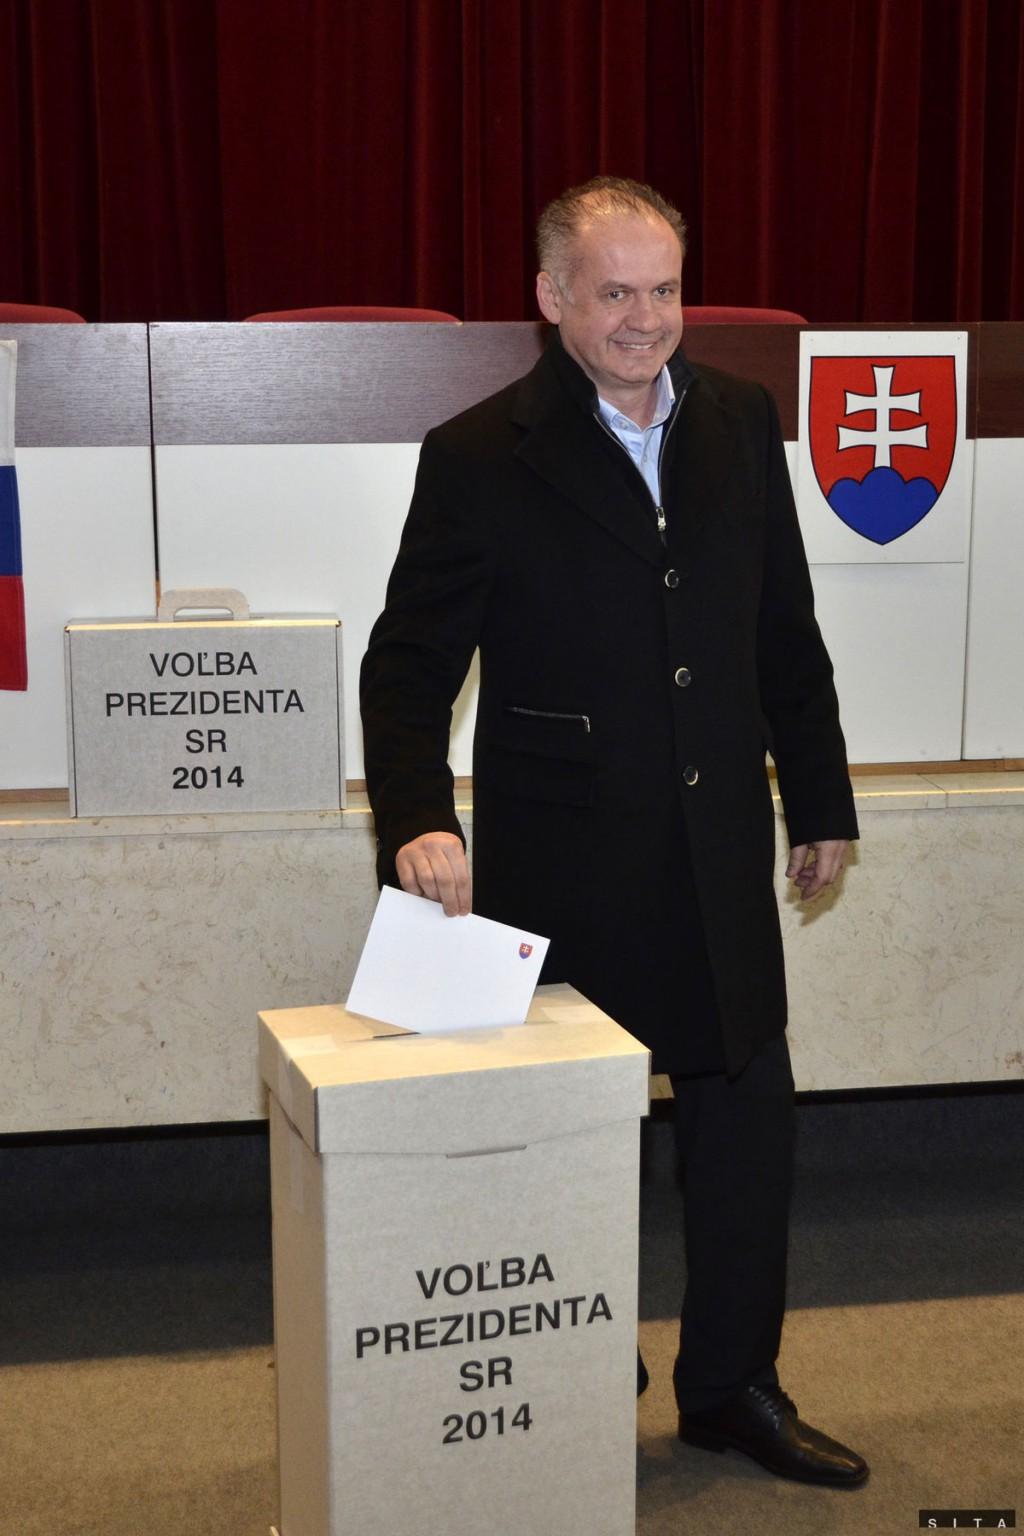 prezidentske-volby-andrej-kiska-nestandard1.jpg